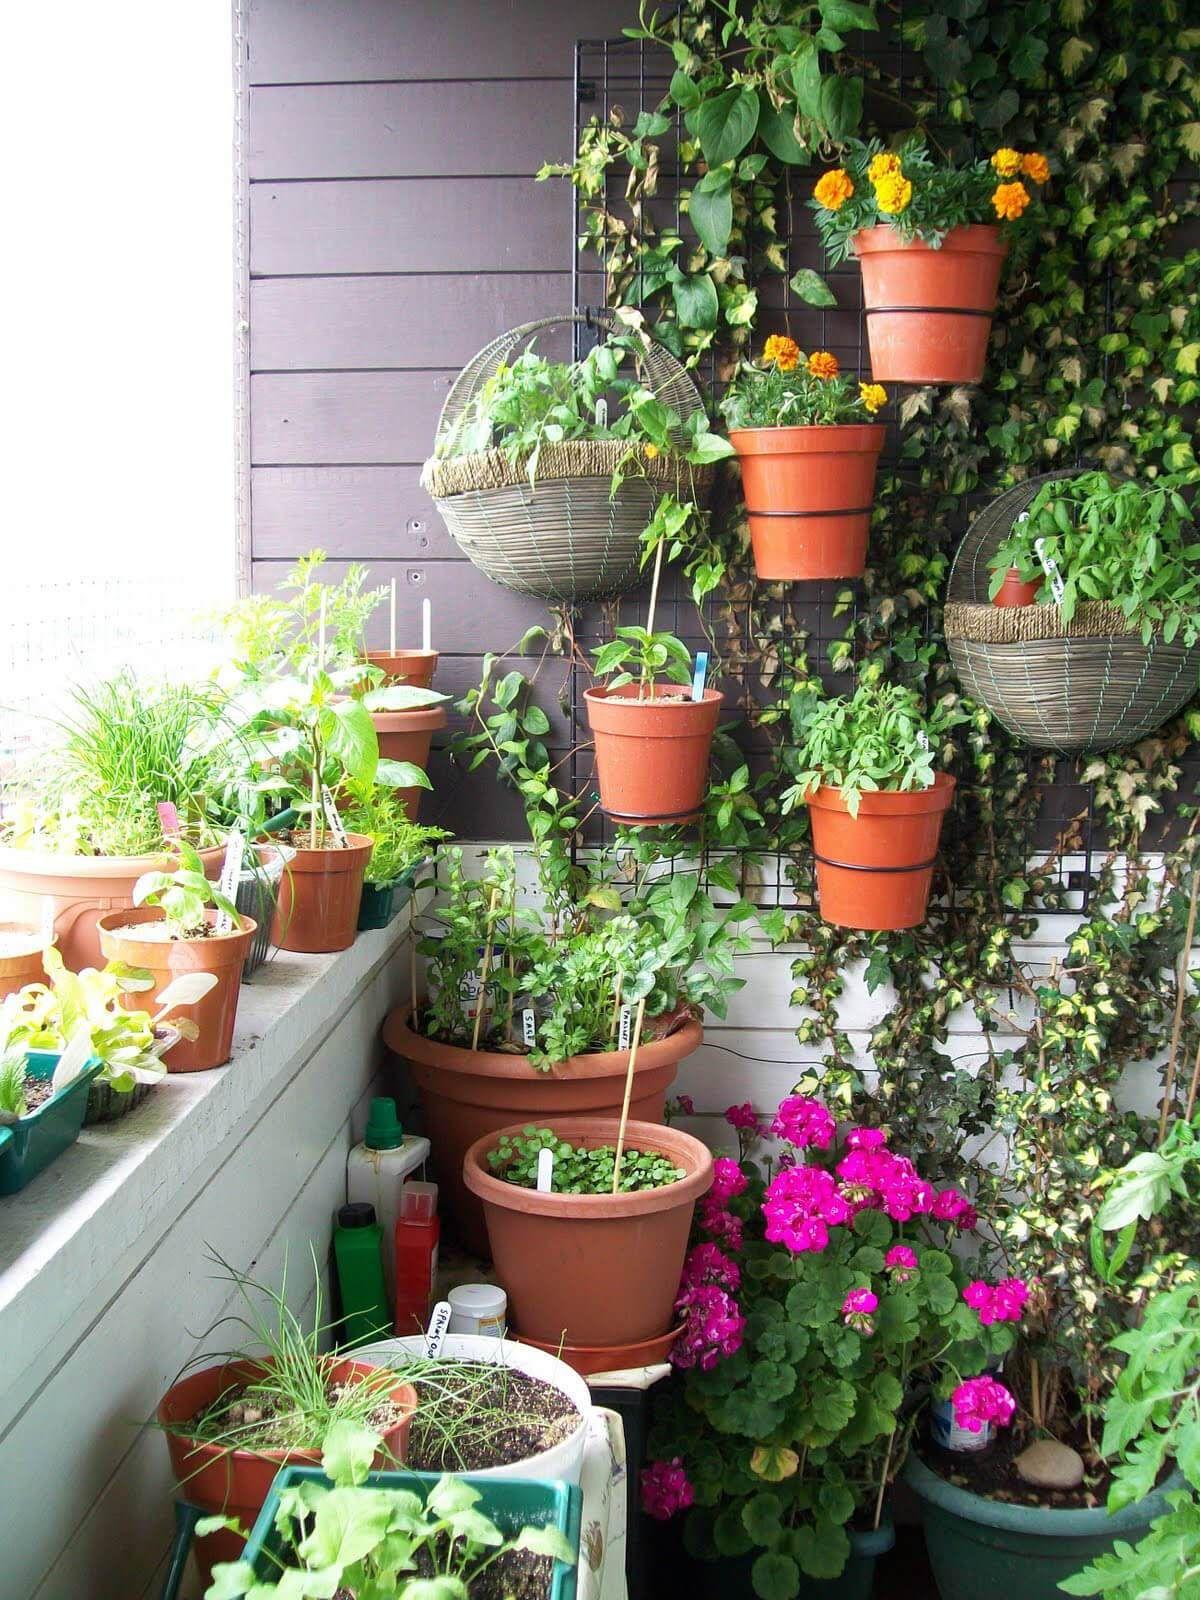 50 Amazing Balcony Garden Designs Ideas Farmfoodfamily Balcony Herb Gardens Small Balcony Garden Apartment Patio Gardens